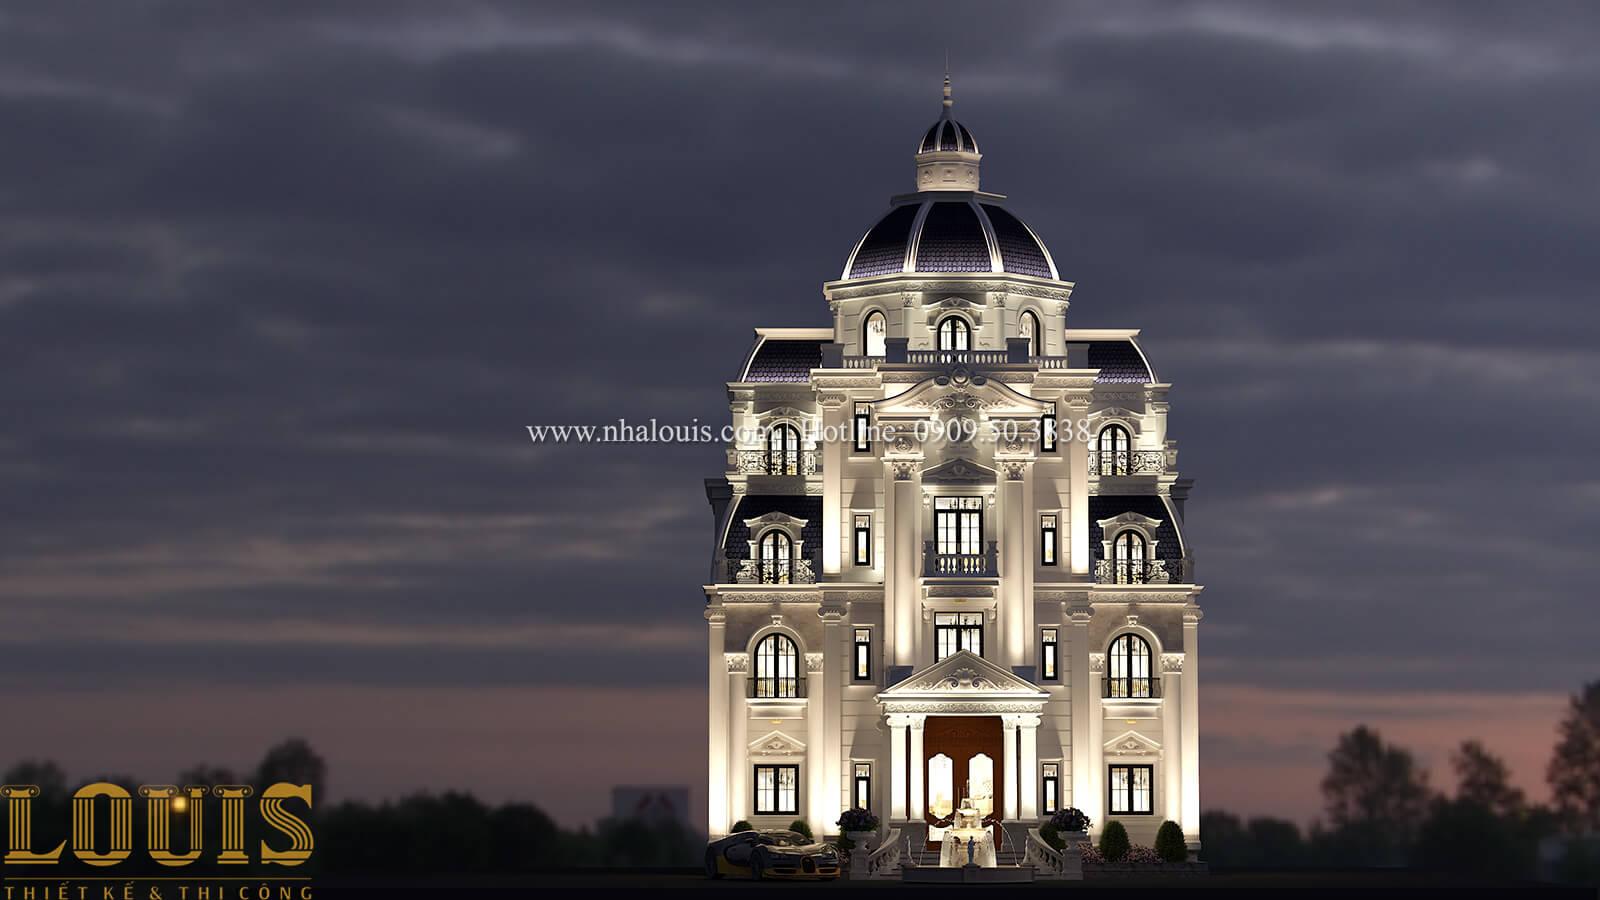 Mặt tiền Biệt thự lâu đài 5 tầng tân cổ điển - 01